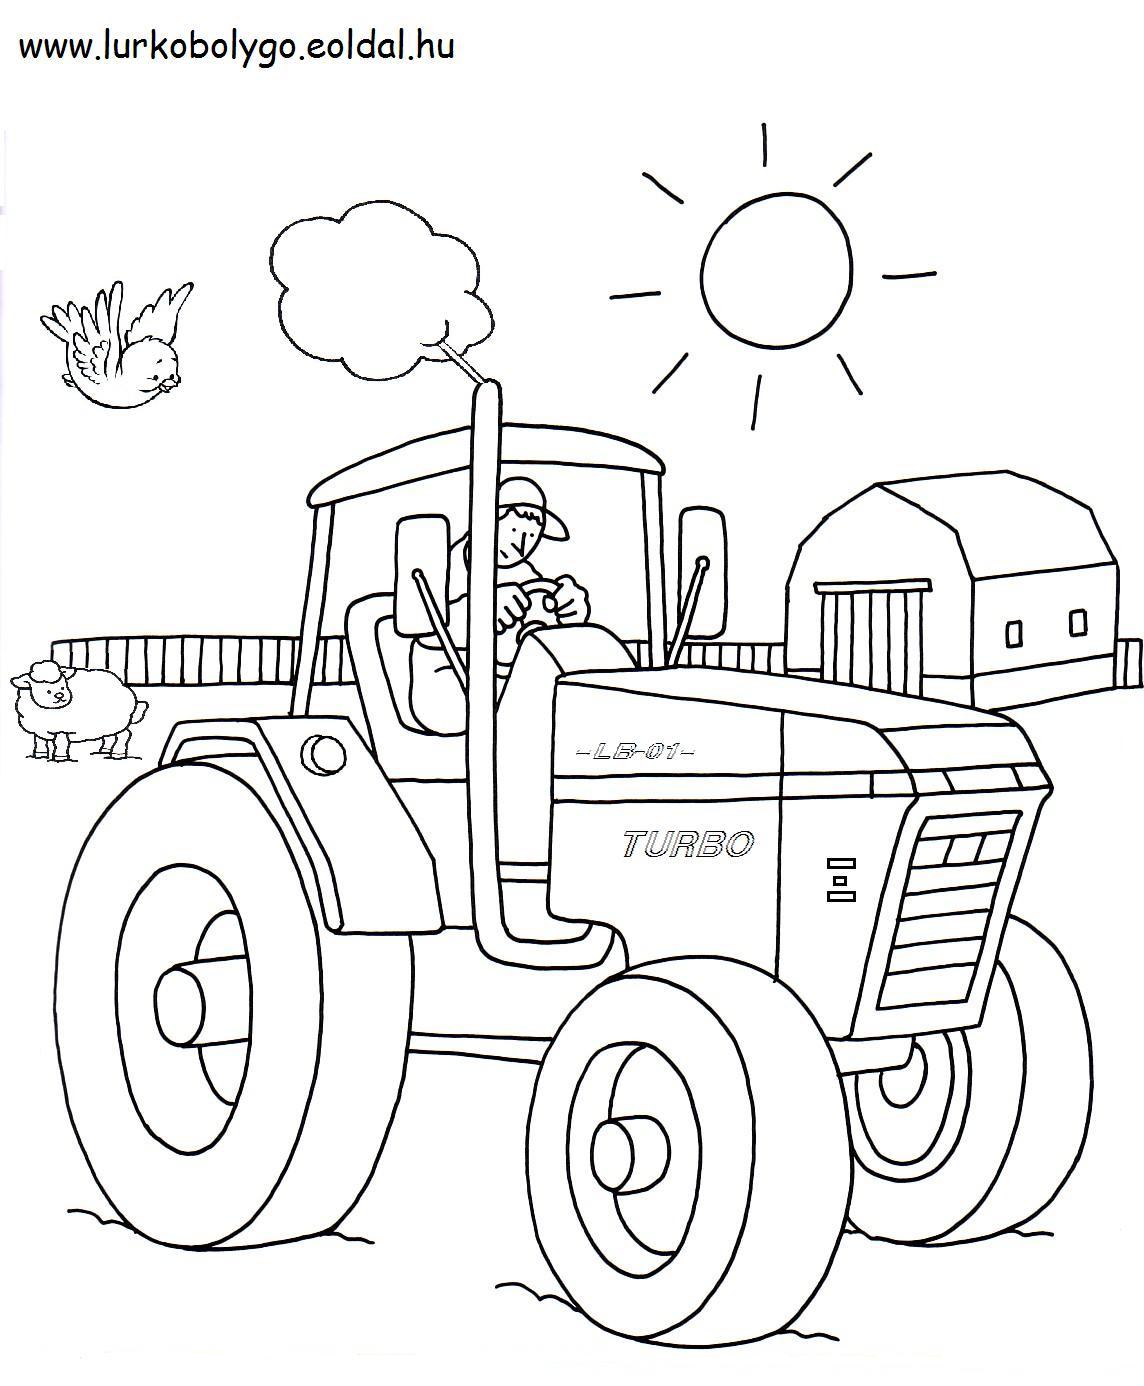 Ausmalbilder Traktor Mit Anhänger - ausmalbilder anhänger traktor Alibaba